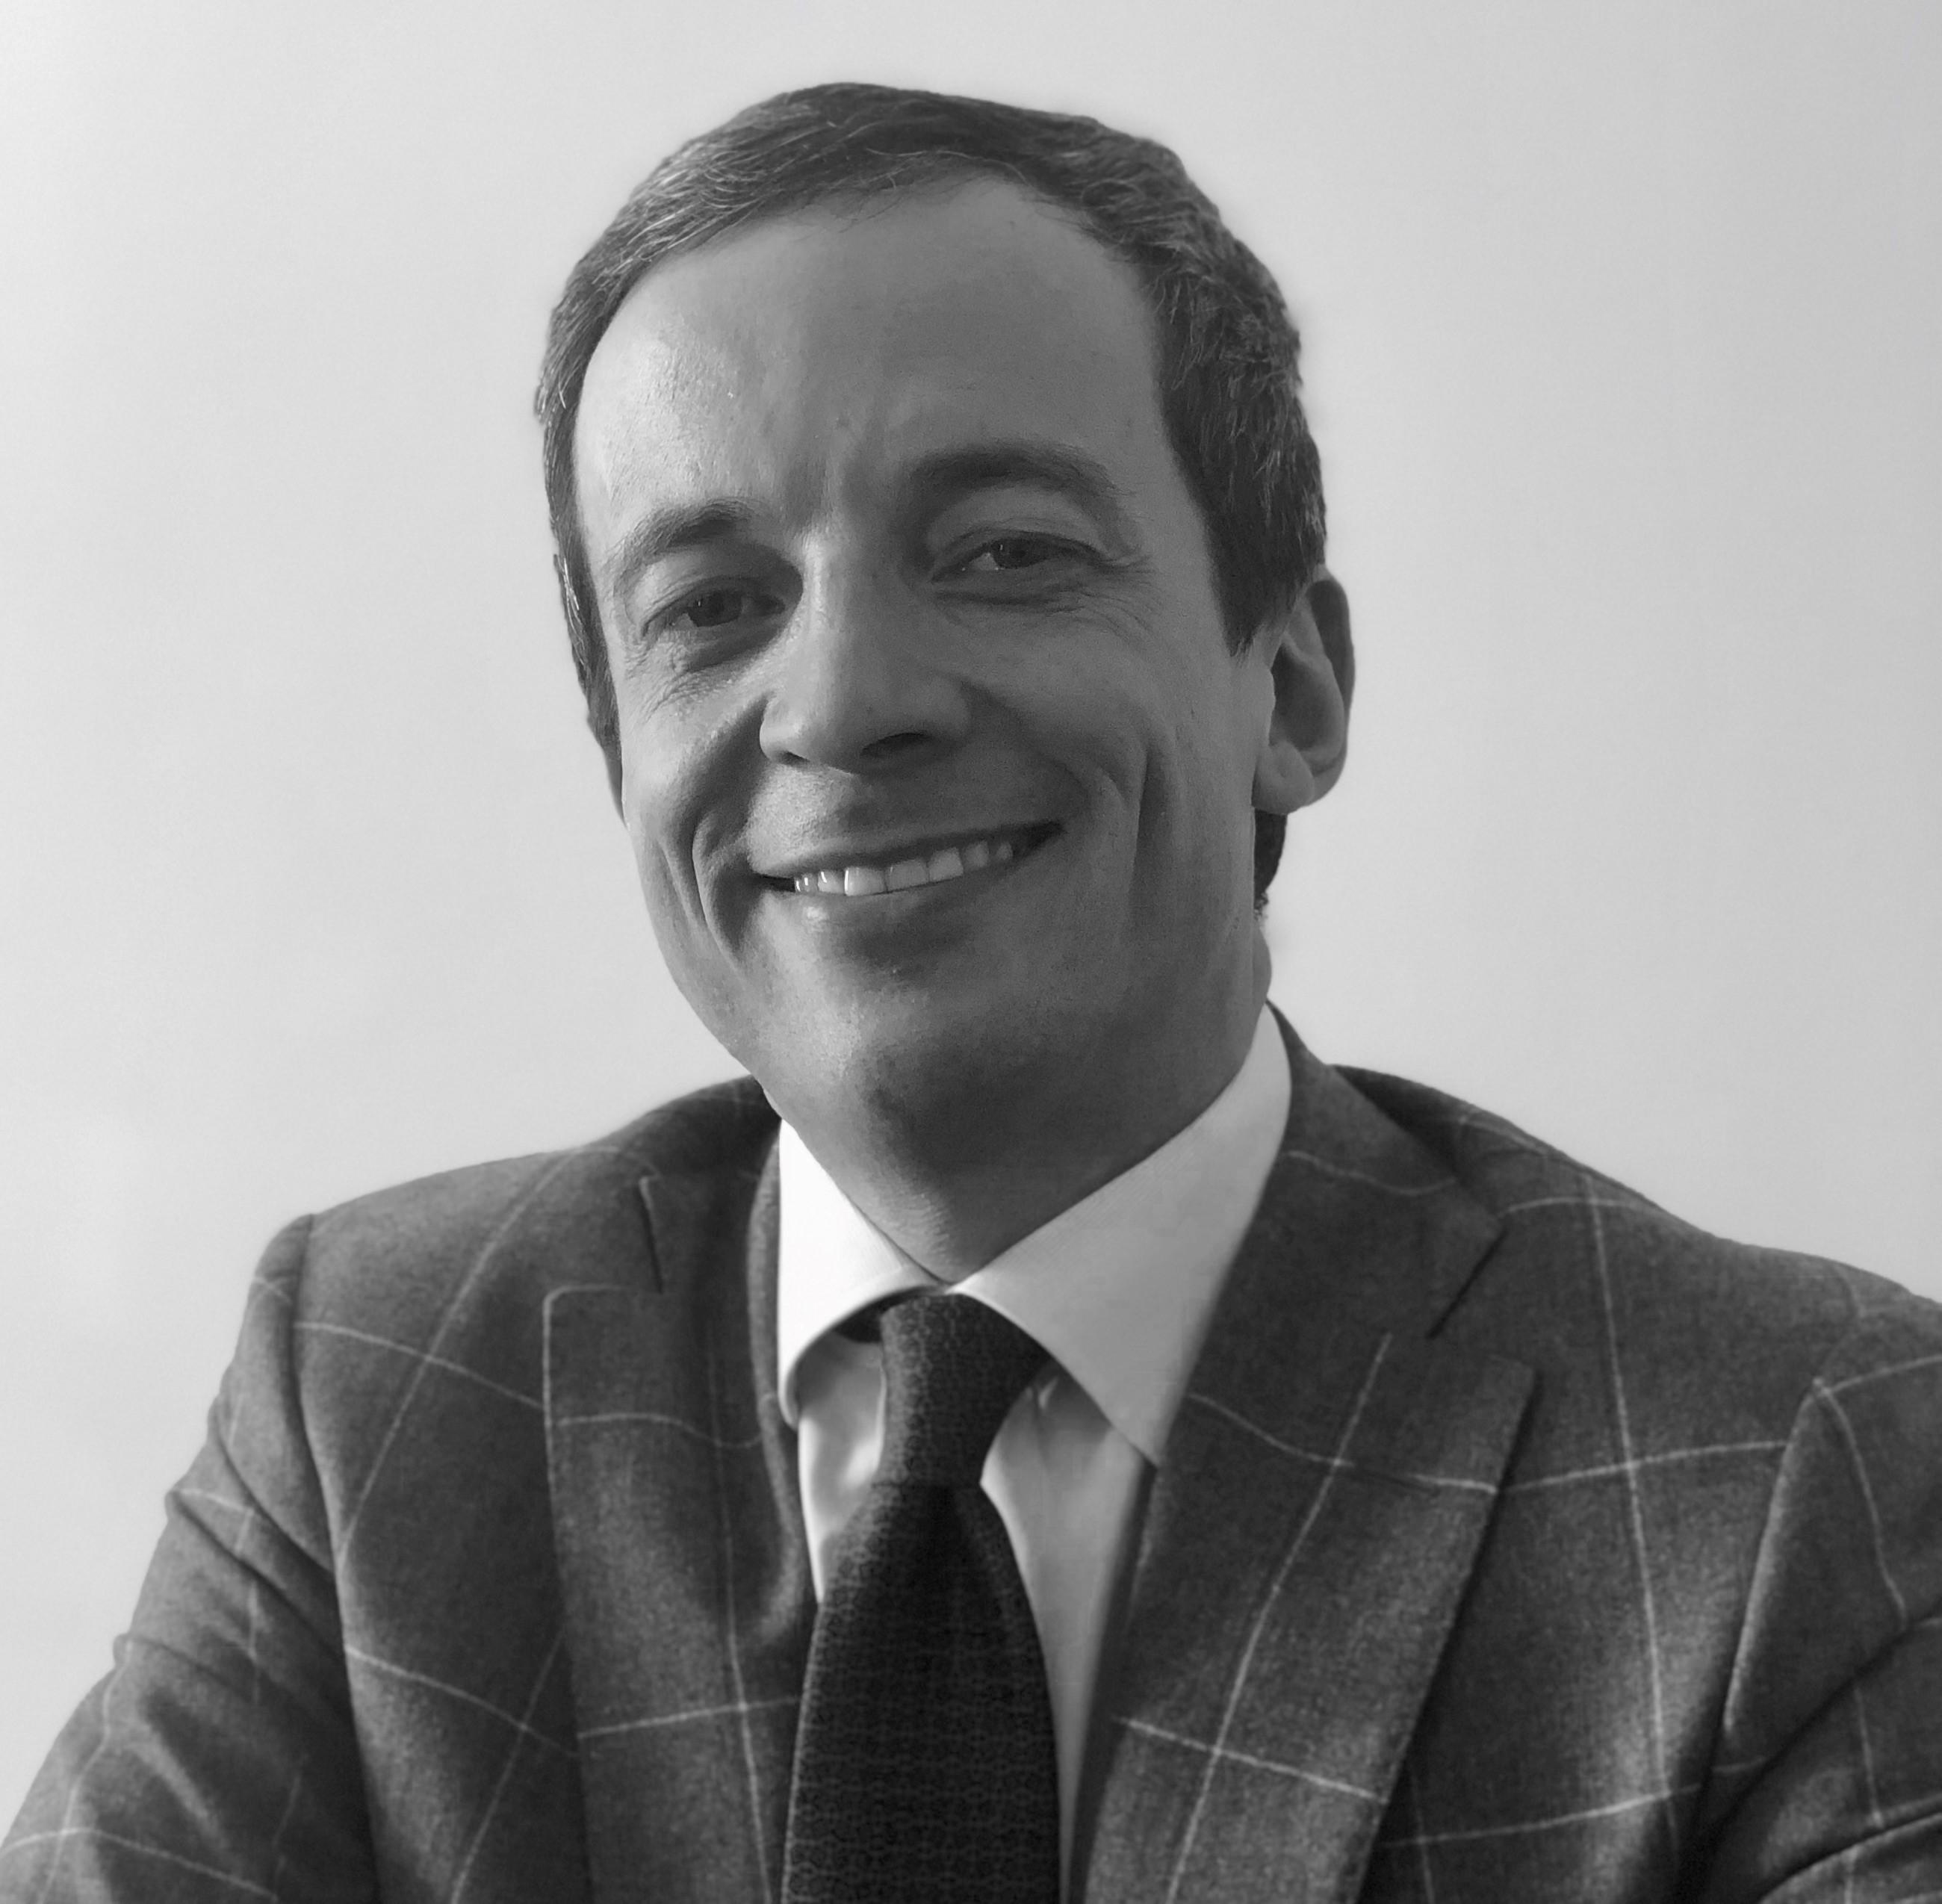 Fabio D'Esposito